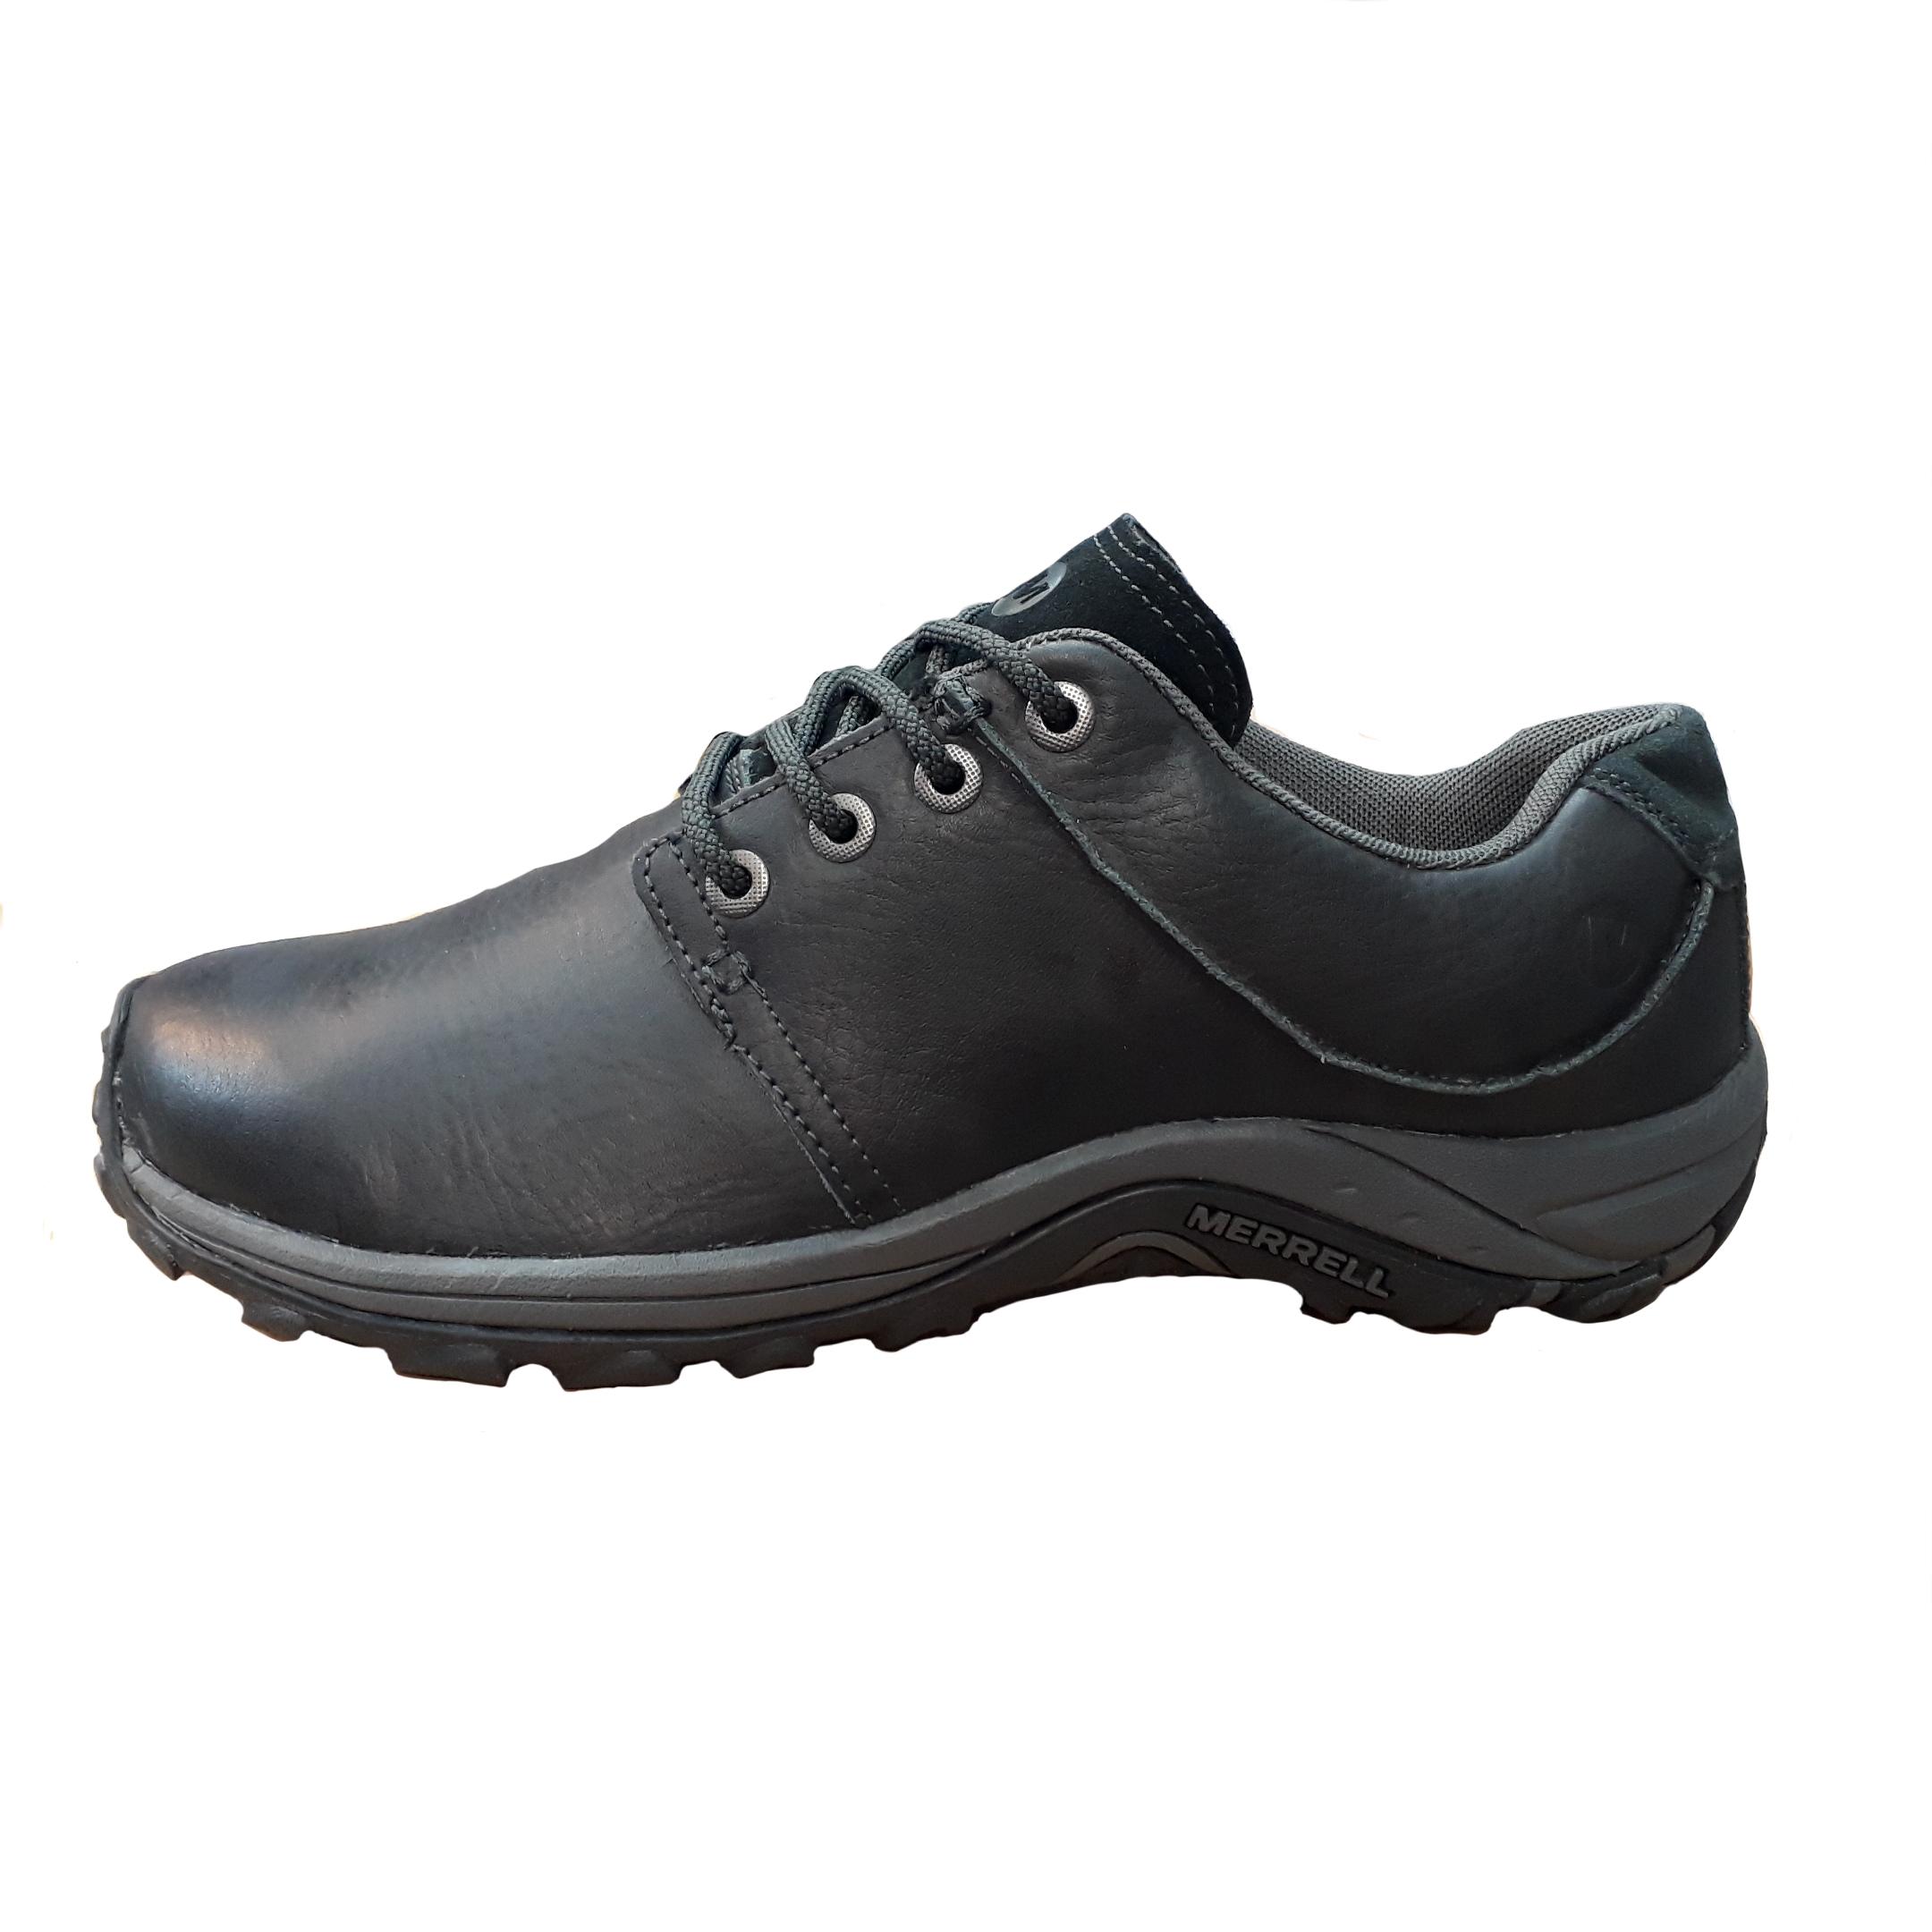 قیمت کفش مخصوص کوهنوردی مردانه مرل مدل Jk 1